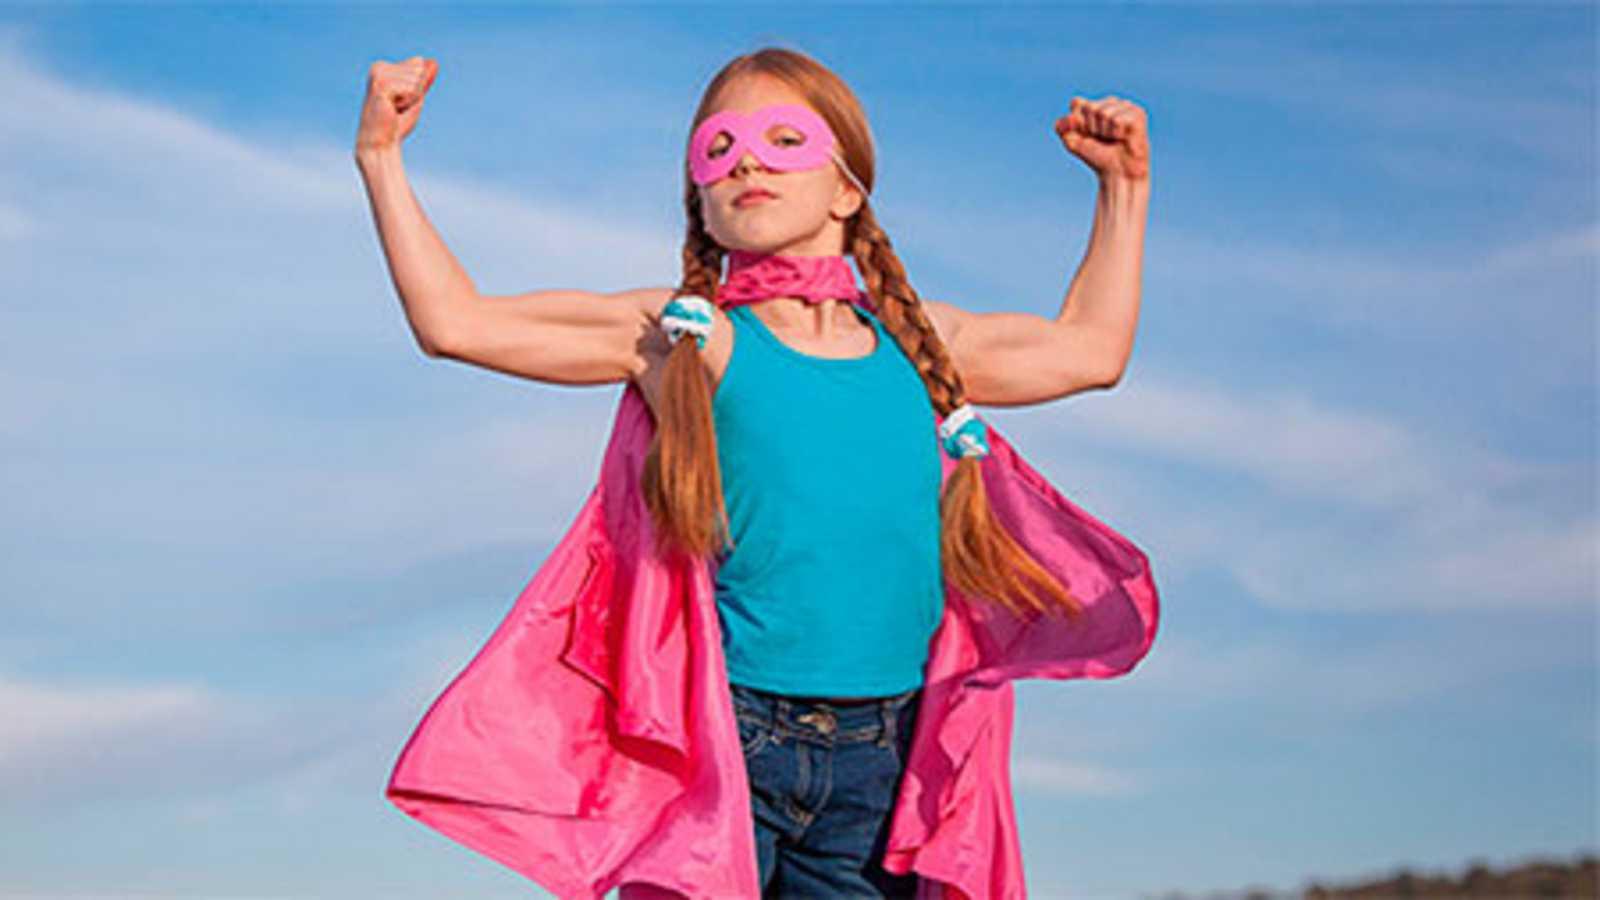 Mamás y papás - Autoestima: aprendiendo a quererse - 21/02/21 - Escuchar ahora